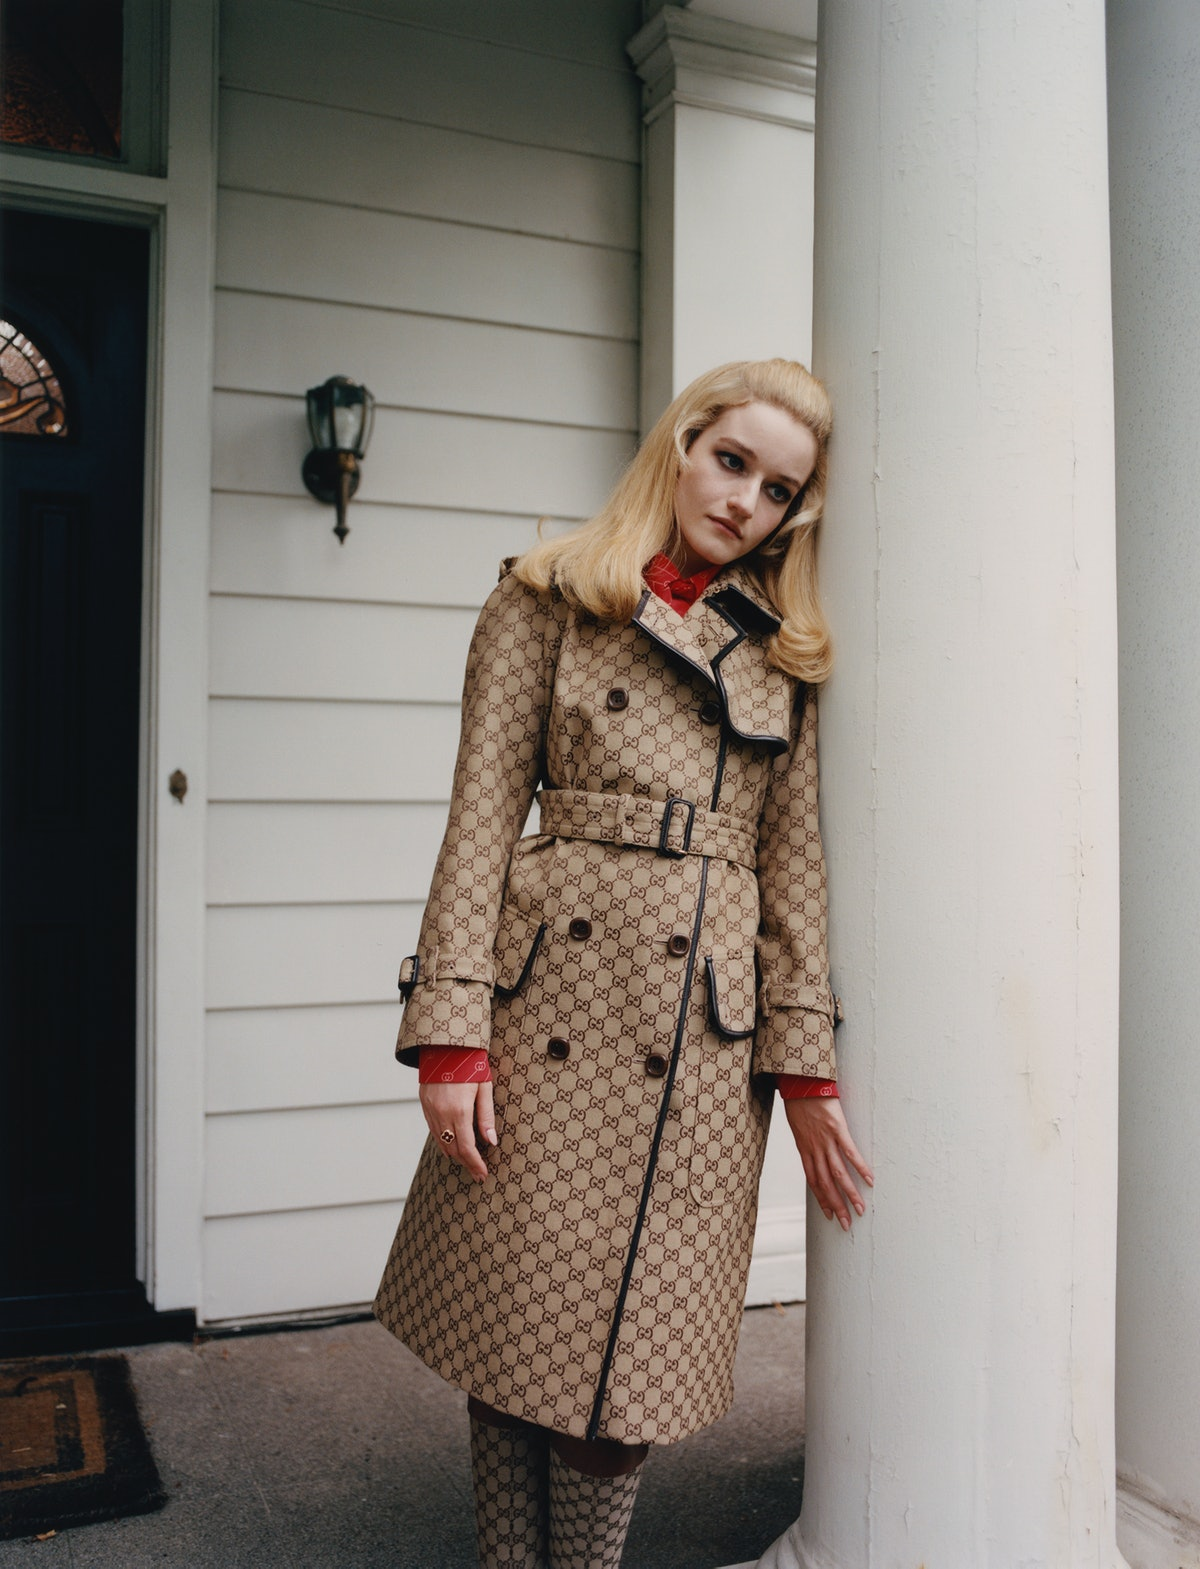 Julia Garner wears a Gucci coat, top, and boots; Van Cleef & Arpels ring.